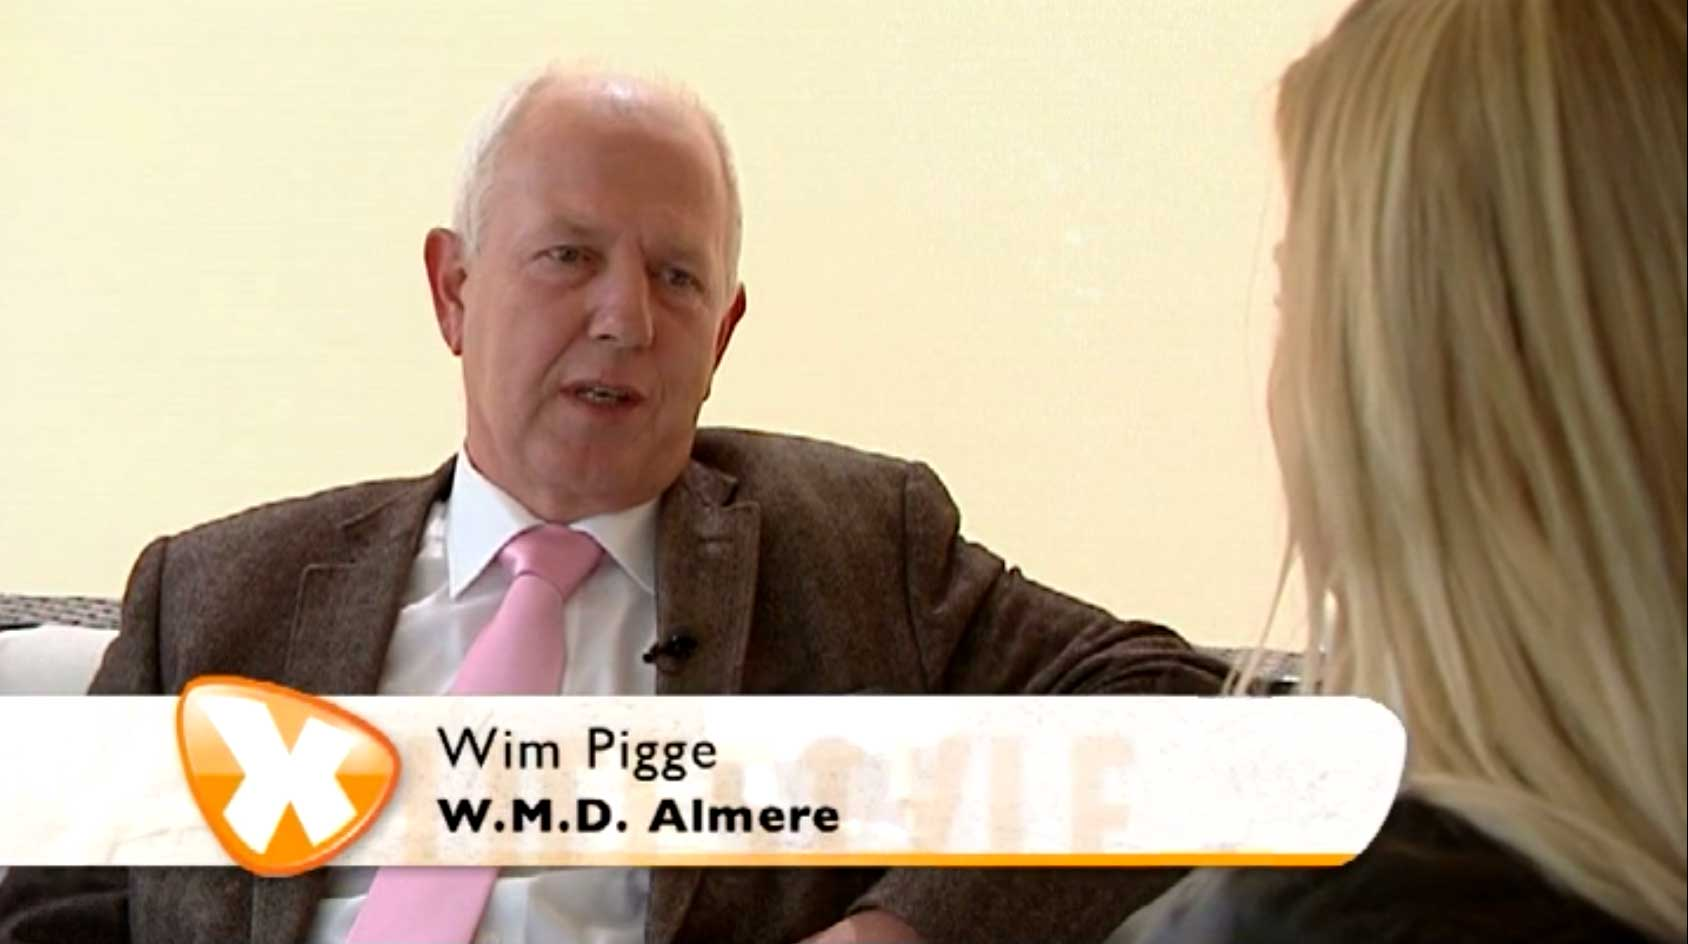 WMD Almere op TV